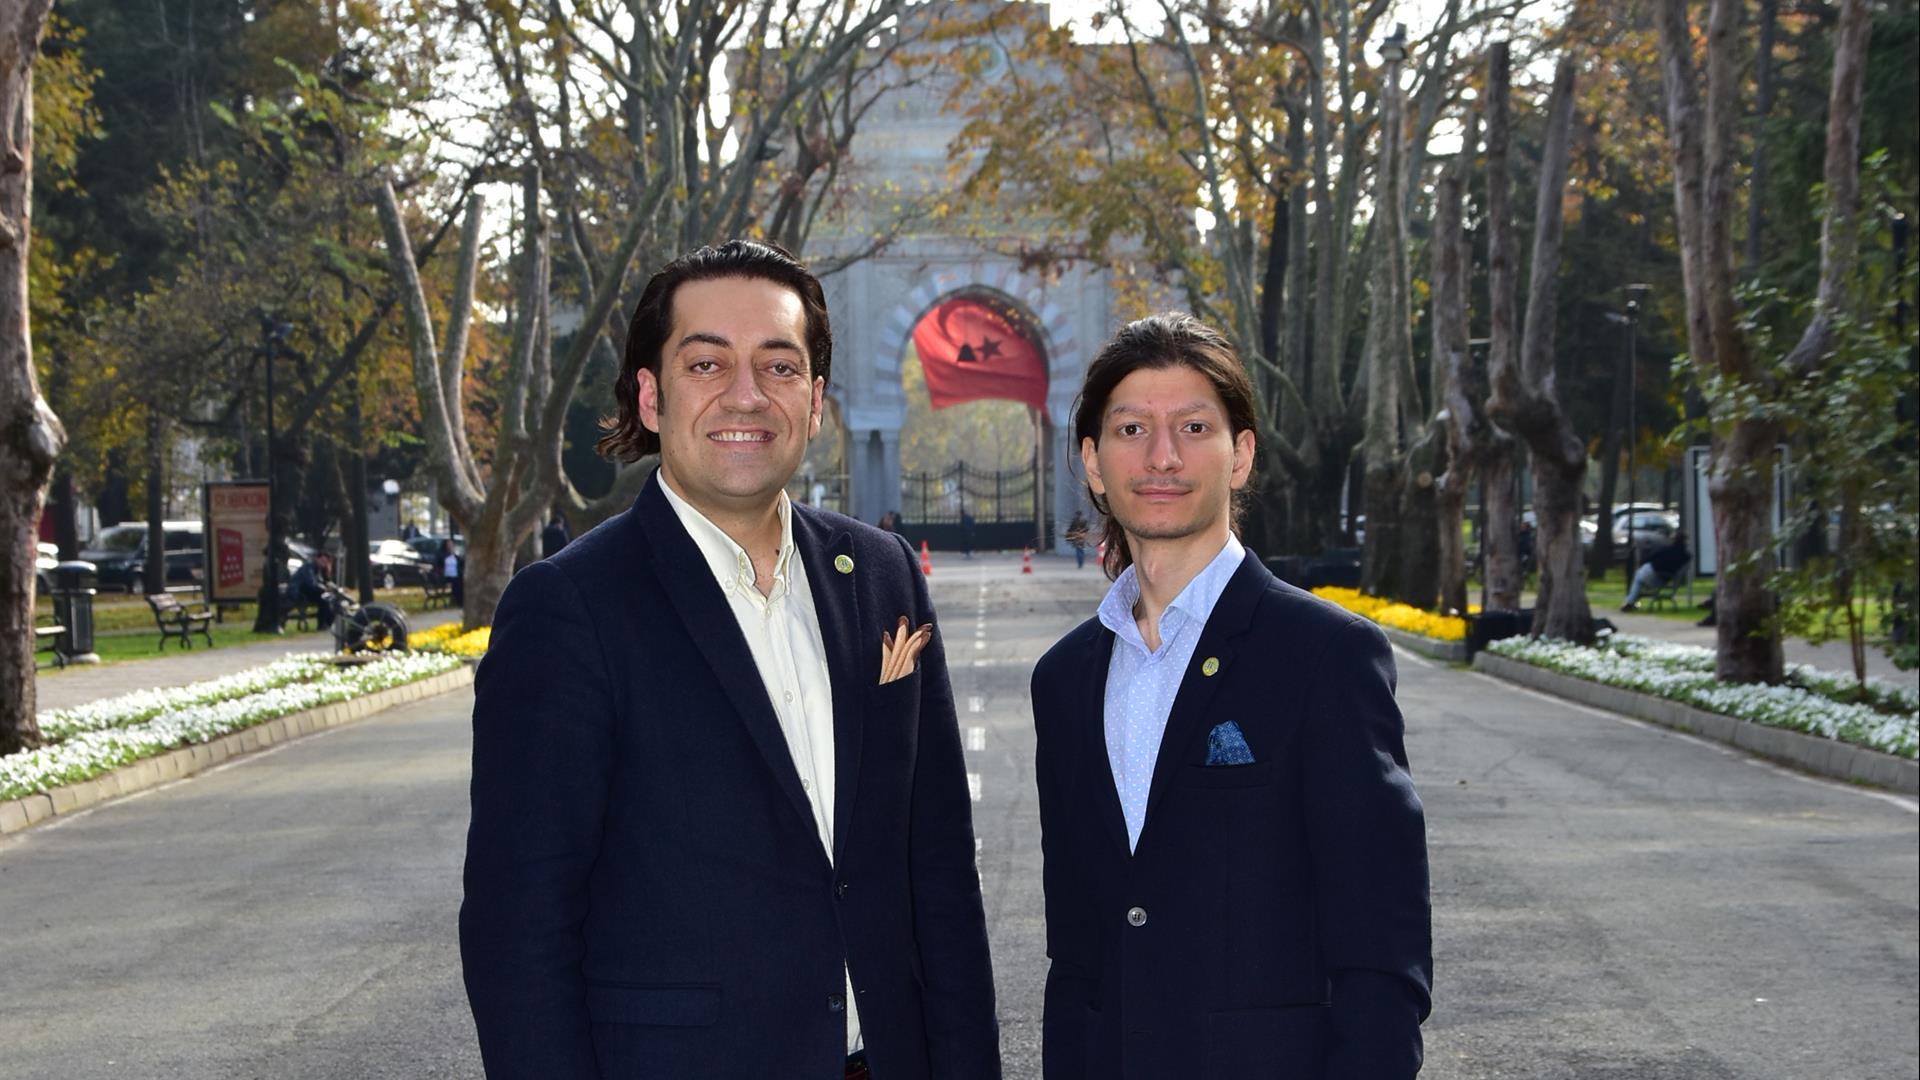 İstanbul-Üniversitesi-Cerrahpaşa-Öğrencisi-Mert-Yıldırım'ın-Girişimcilik-Başarısı